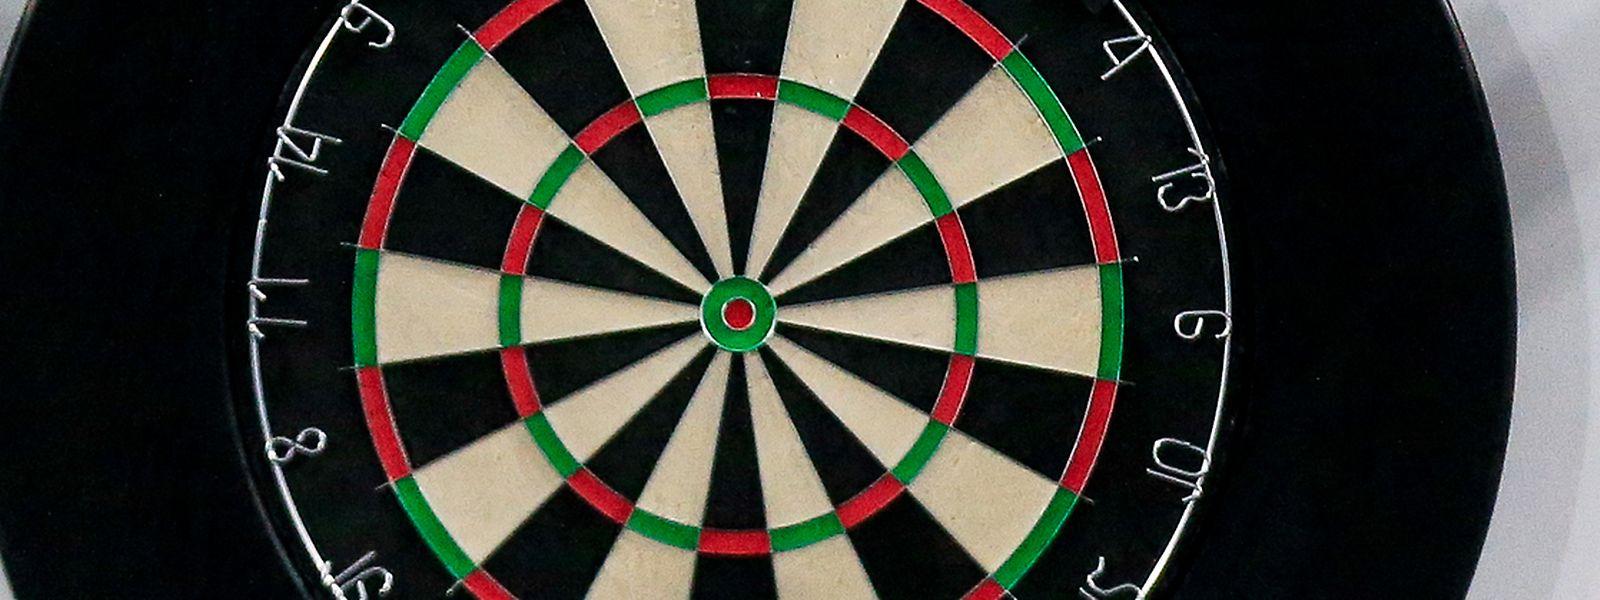 Der Betrüger gab vor, Anzeigen für die Broschüre eines Darts-Turniers zu verkaufen.